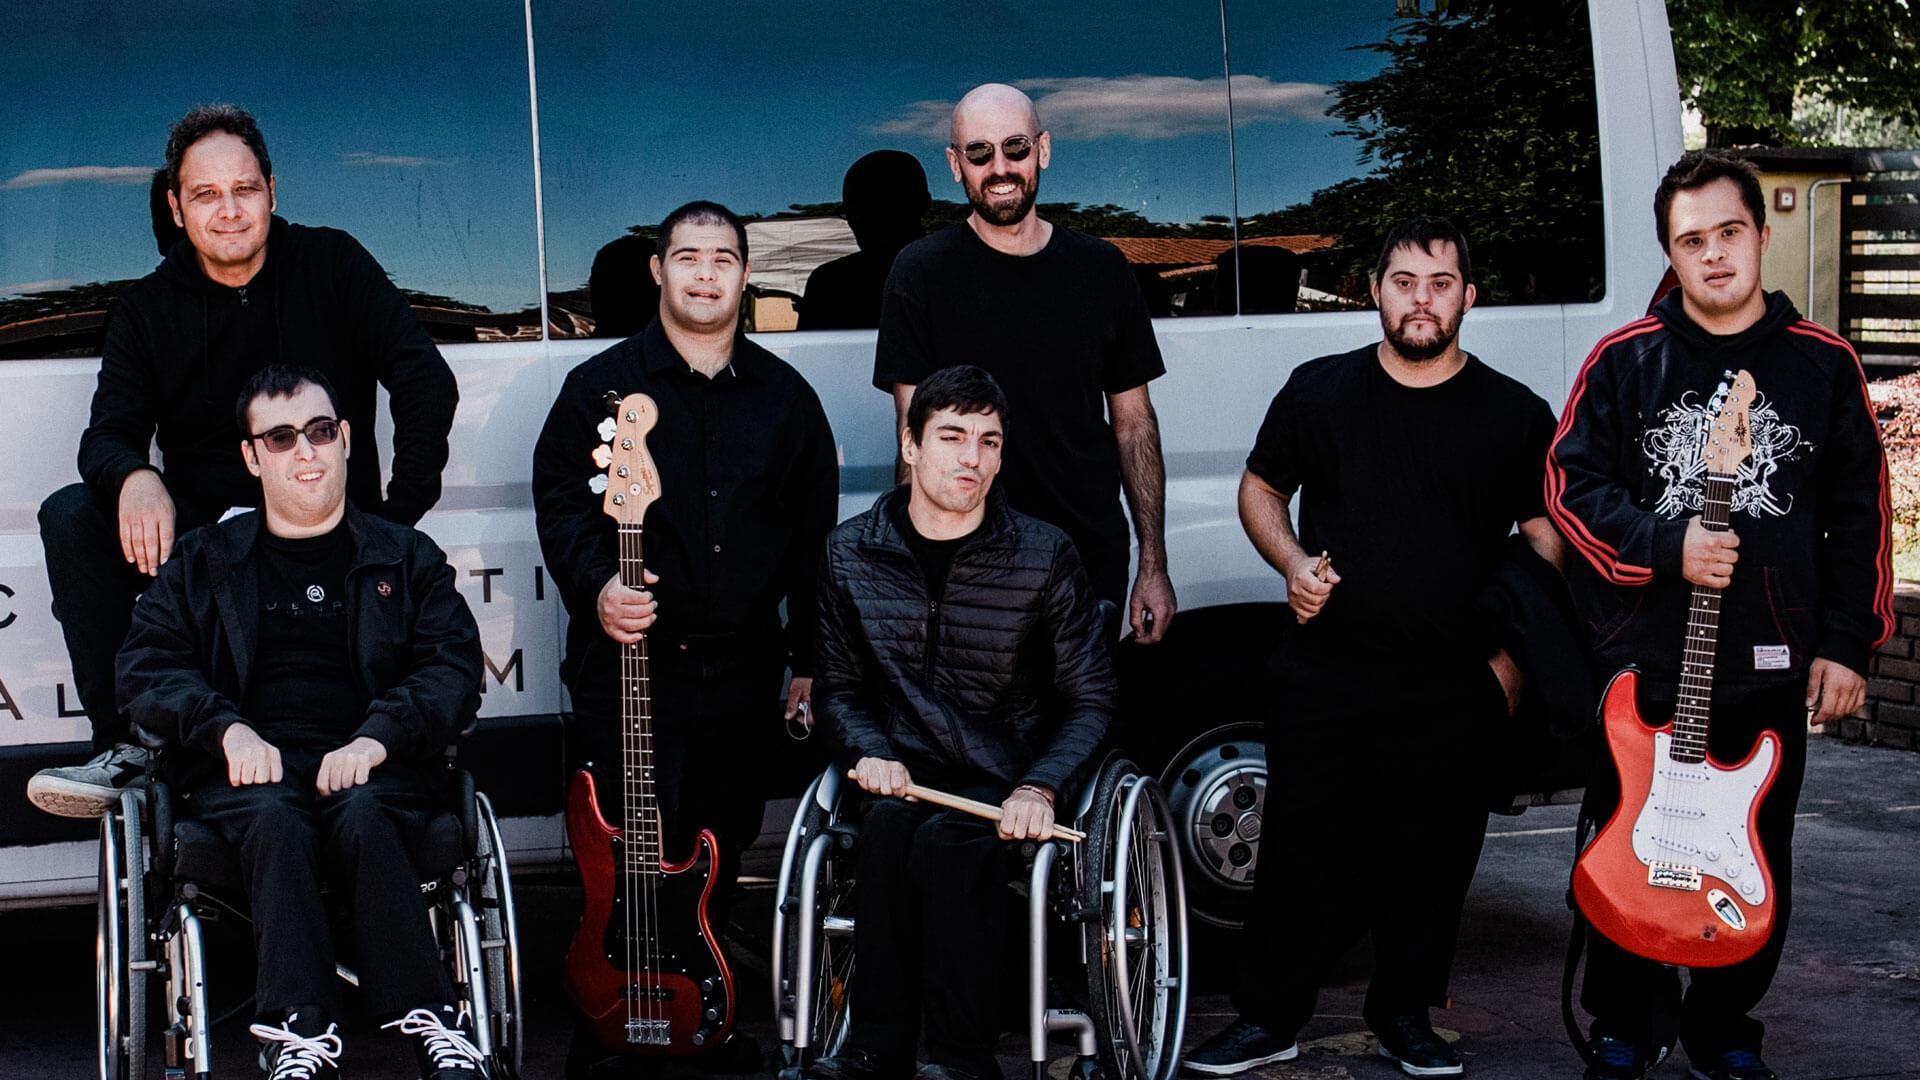 I componenti della Propedeutica Band in posa alla Cascina Bellaria davanti al furgone di AllegroModerato prima di un concerto lo scorso settembre: un gruppo molto rock (Foto Vasco Dell'Oro)